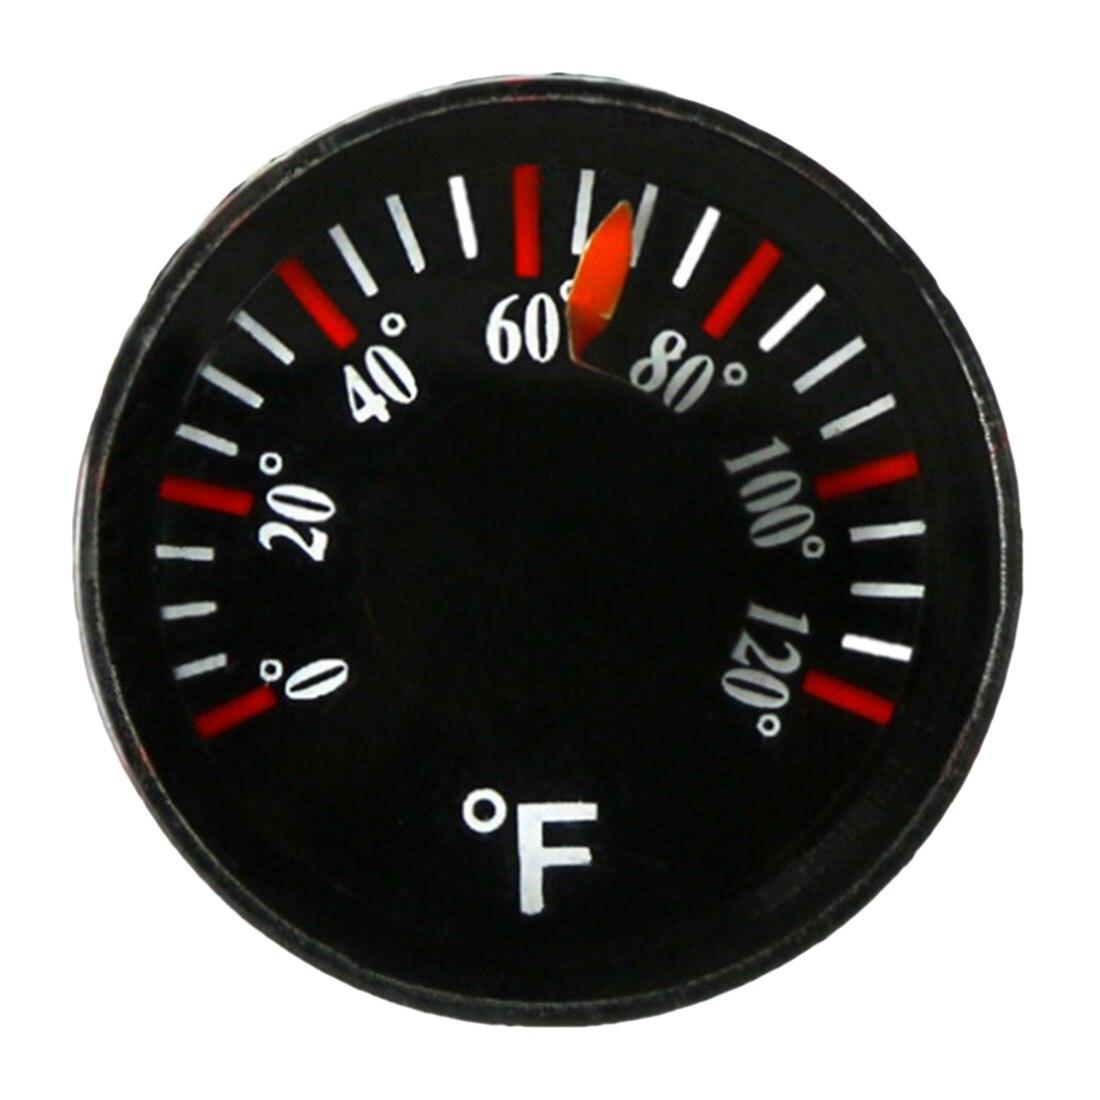 Diâmetro circular 20mm do hidrothermograph de fahrenheit do espírito do mini termômetro redondo plástico 0-120 f mini